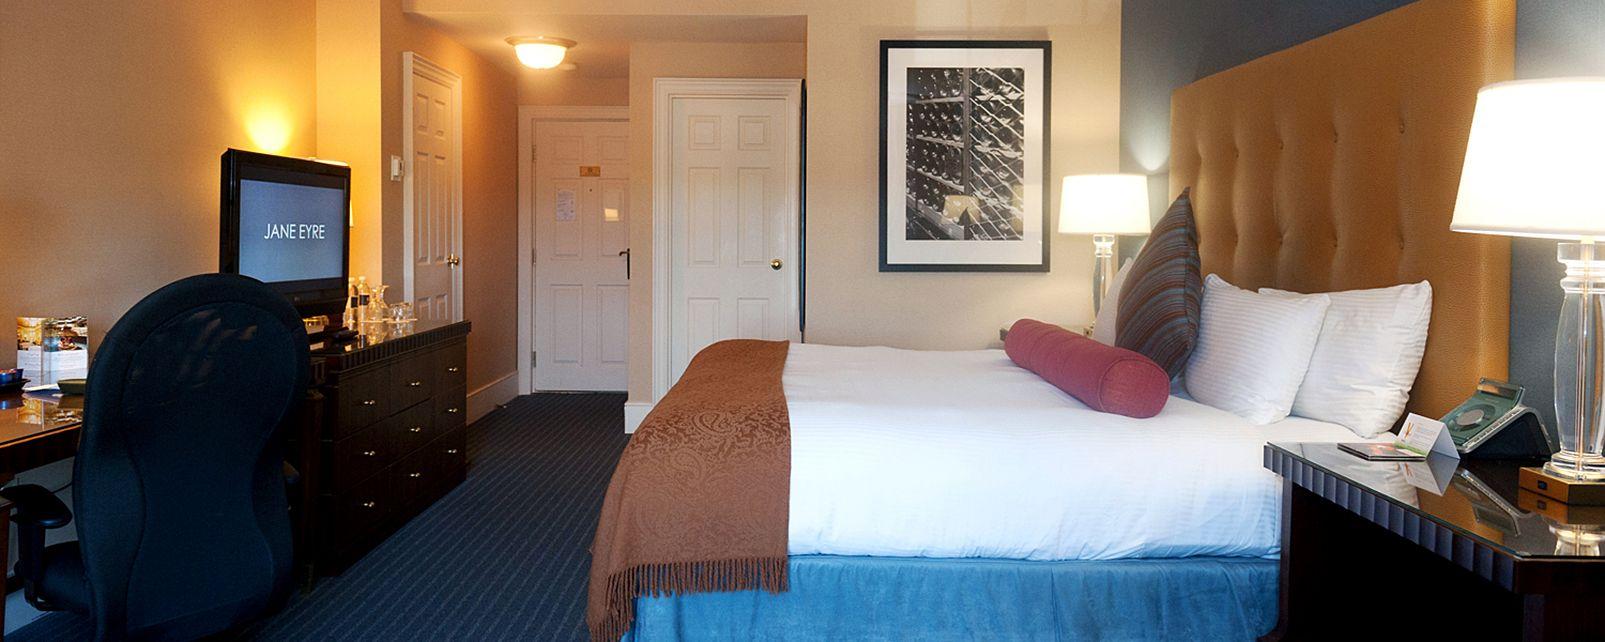 Hotel The Queen's Landing